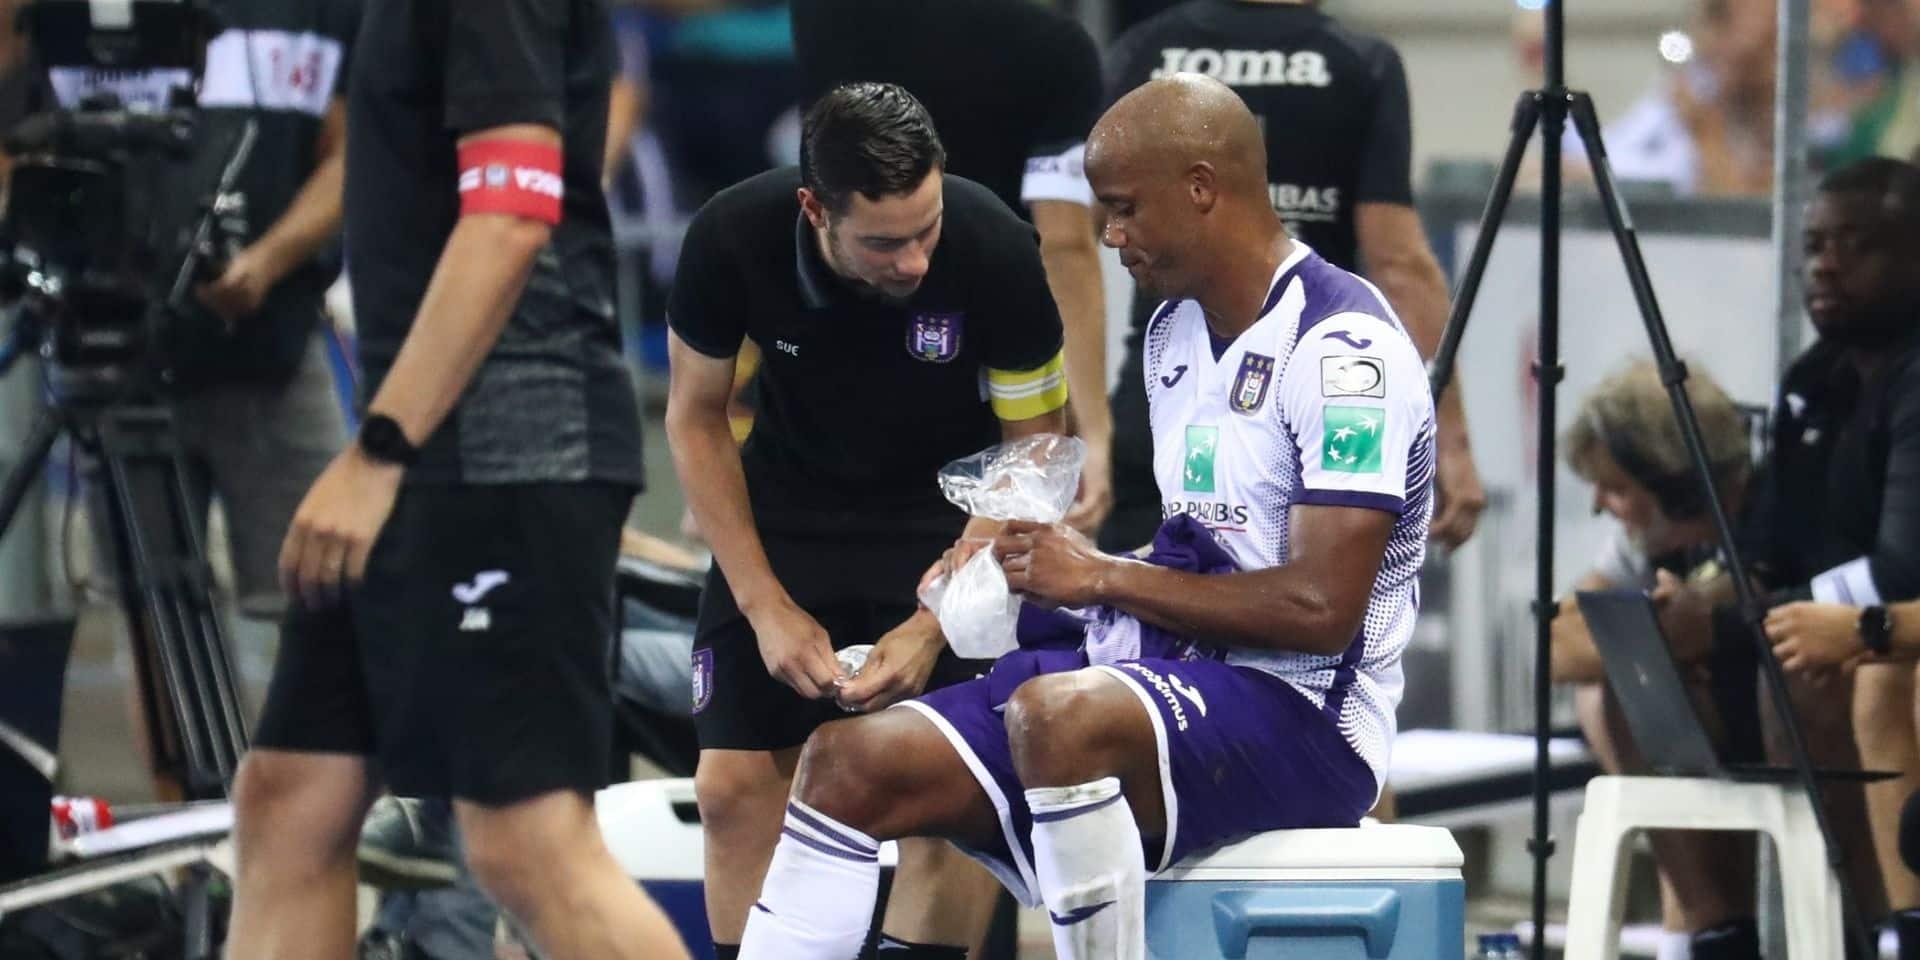 Anderlecht s'incline à nouveau face à Genk, Kompany sort sur blessure